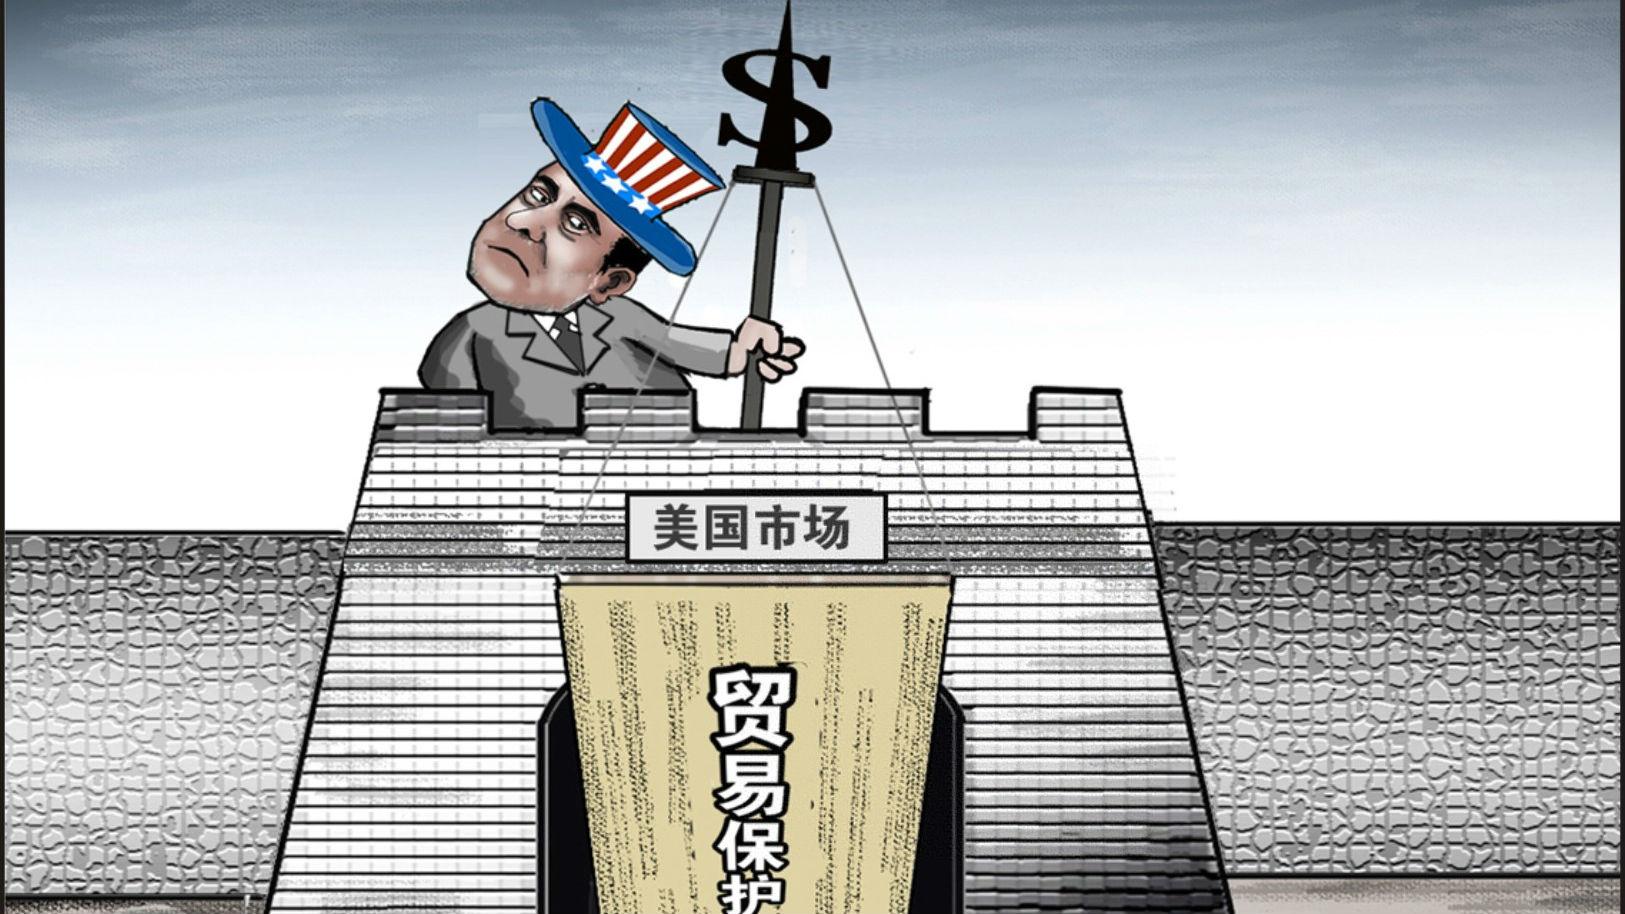 美媒称美国加税中国出口商着眼国内:中国百姓花钱不手软